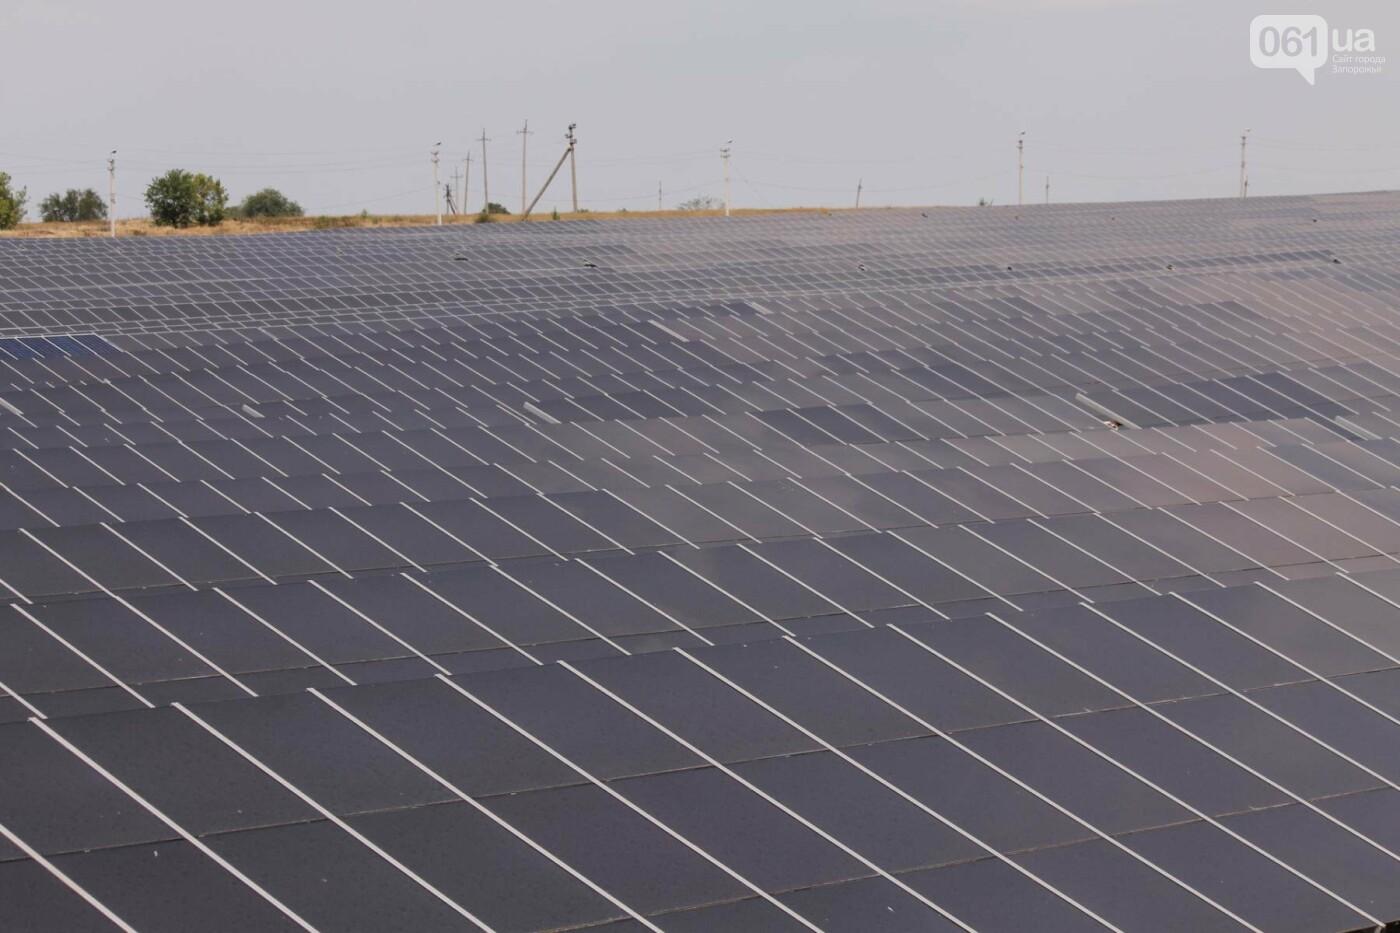 Как в Запорожской области работает крупнейшая в Украине солнечная станция: экскурсия на производство, — ФОТОРЕПОРТАЖ, фото-44